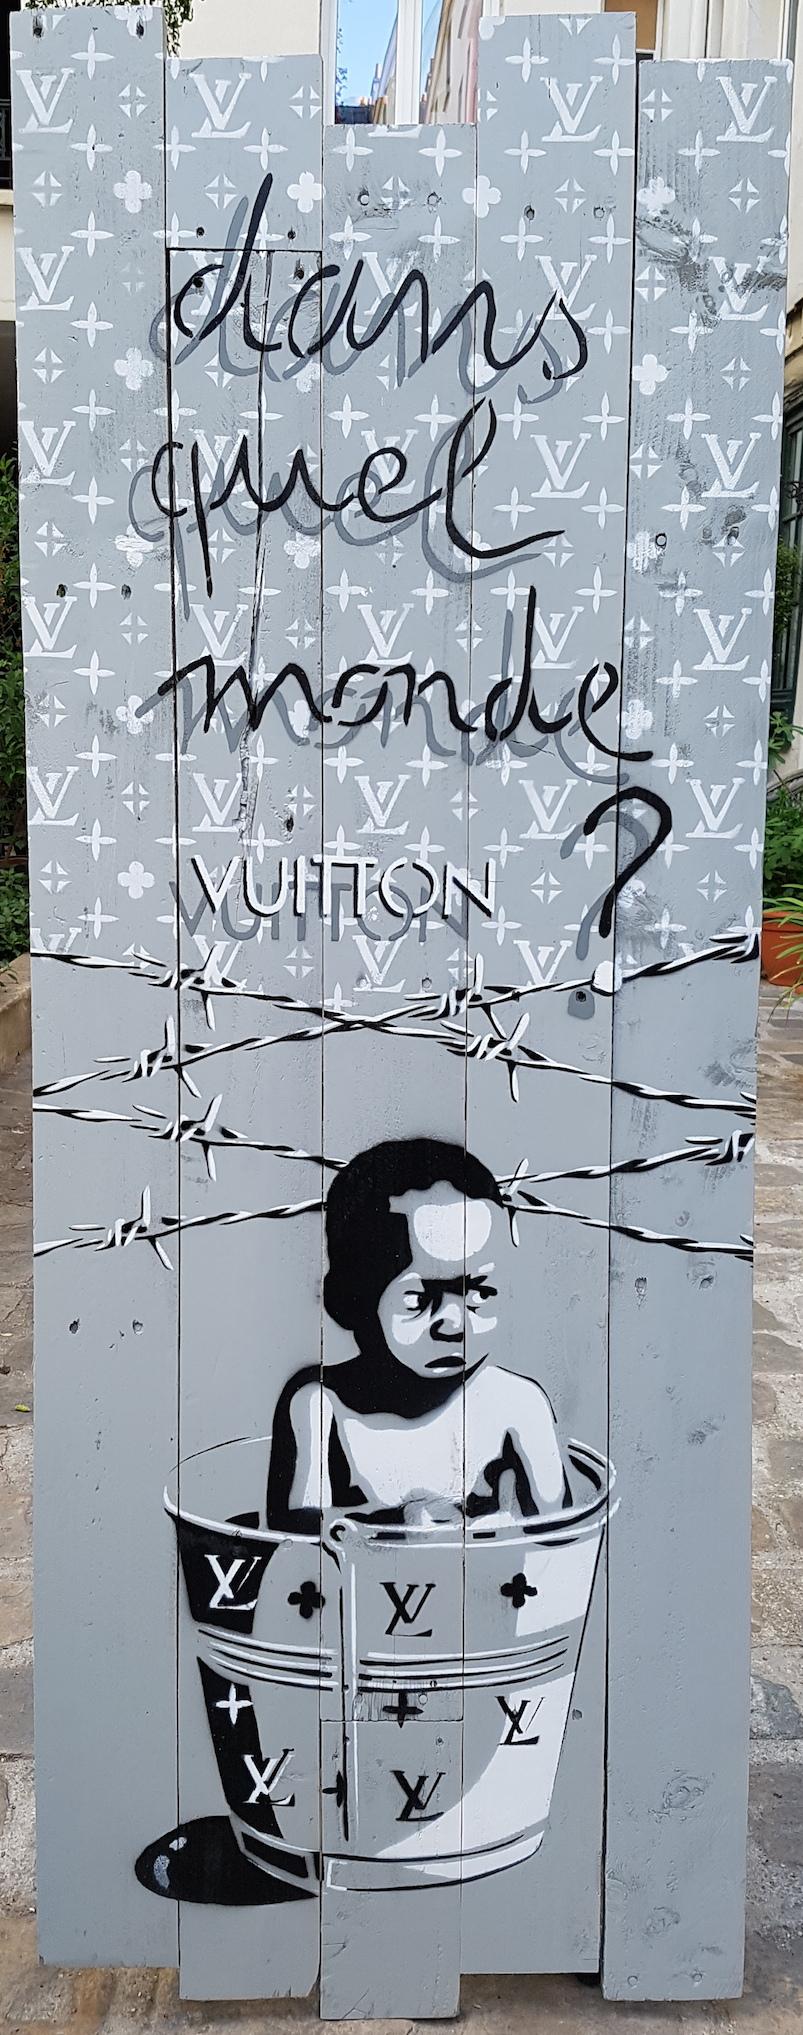 Ezk-dans quel monde Vuitton ?-2015